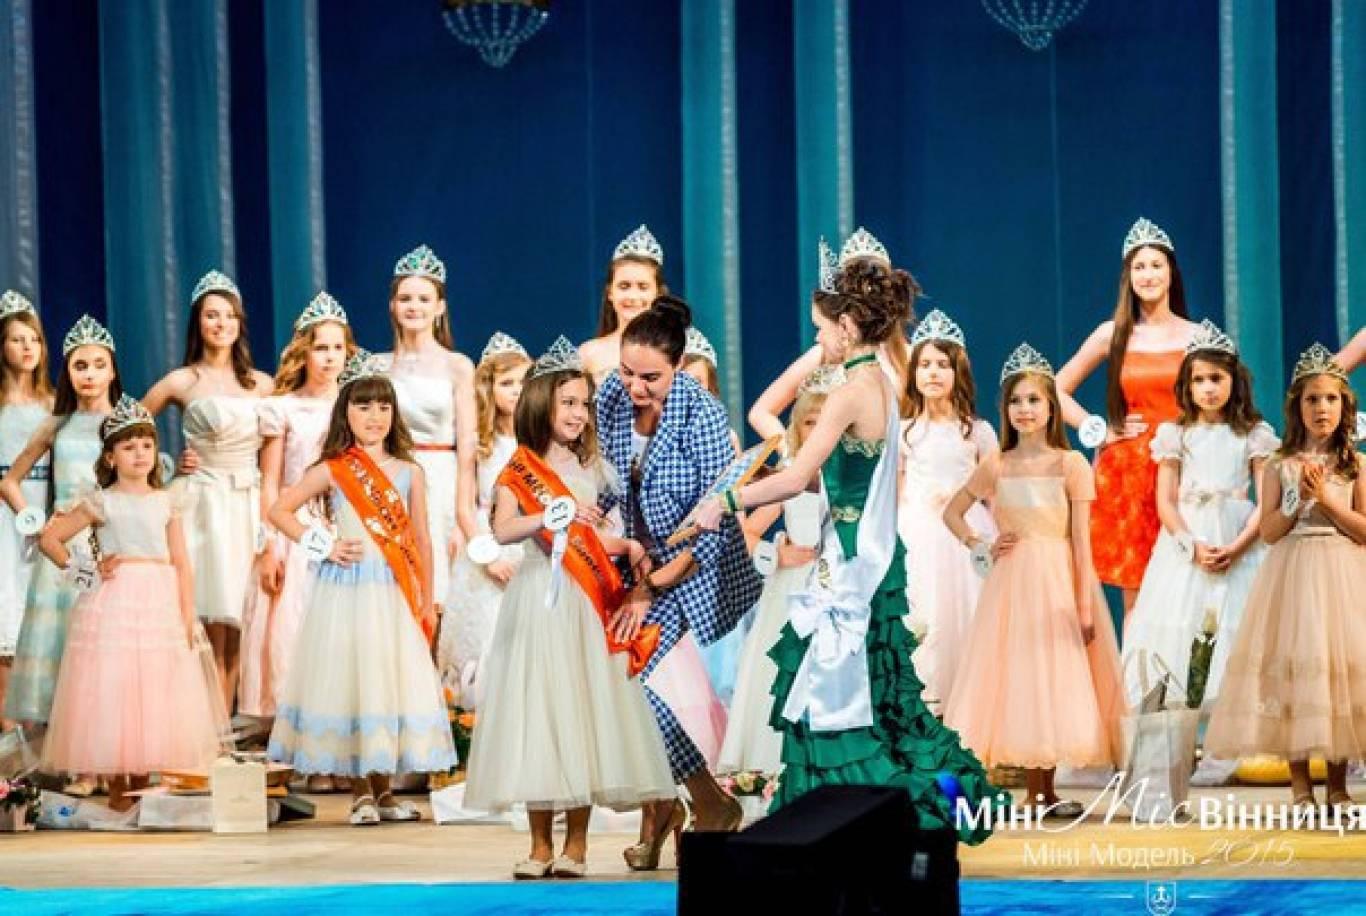 Конкурс «Міні Міс та Міні Модель Вінниця 2018»